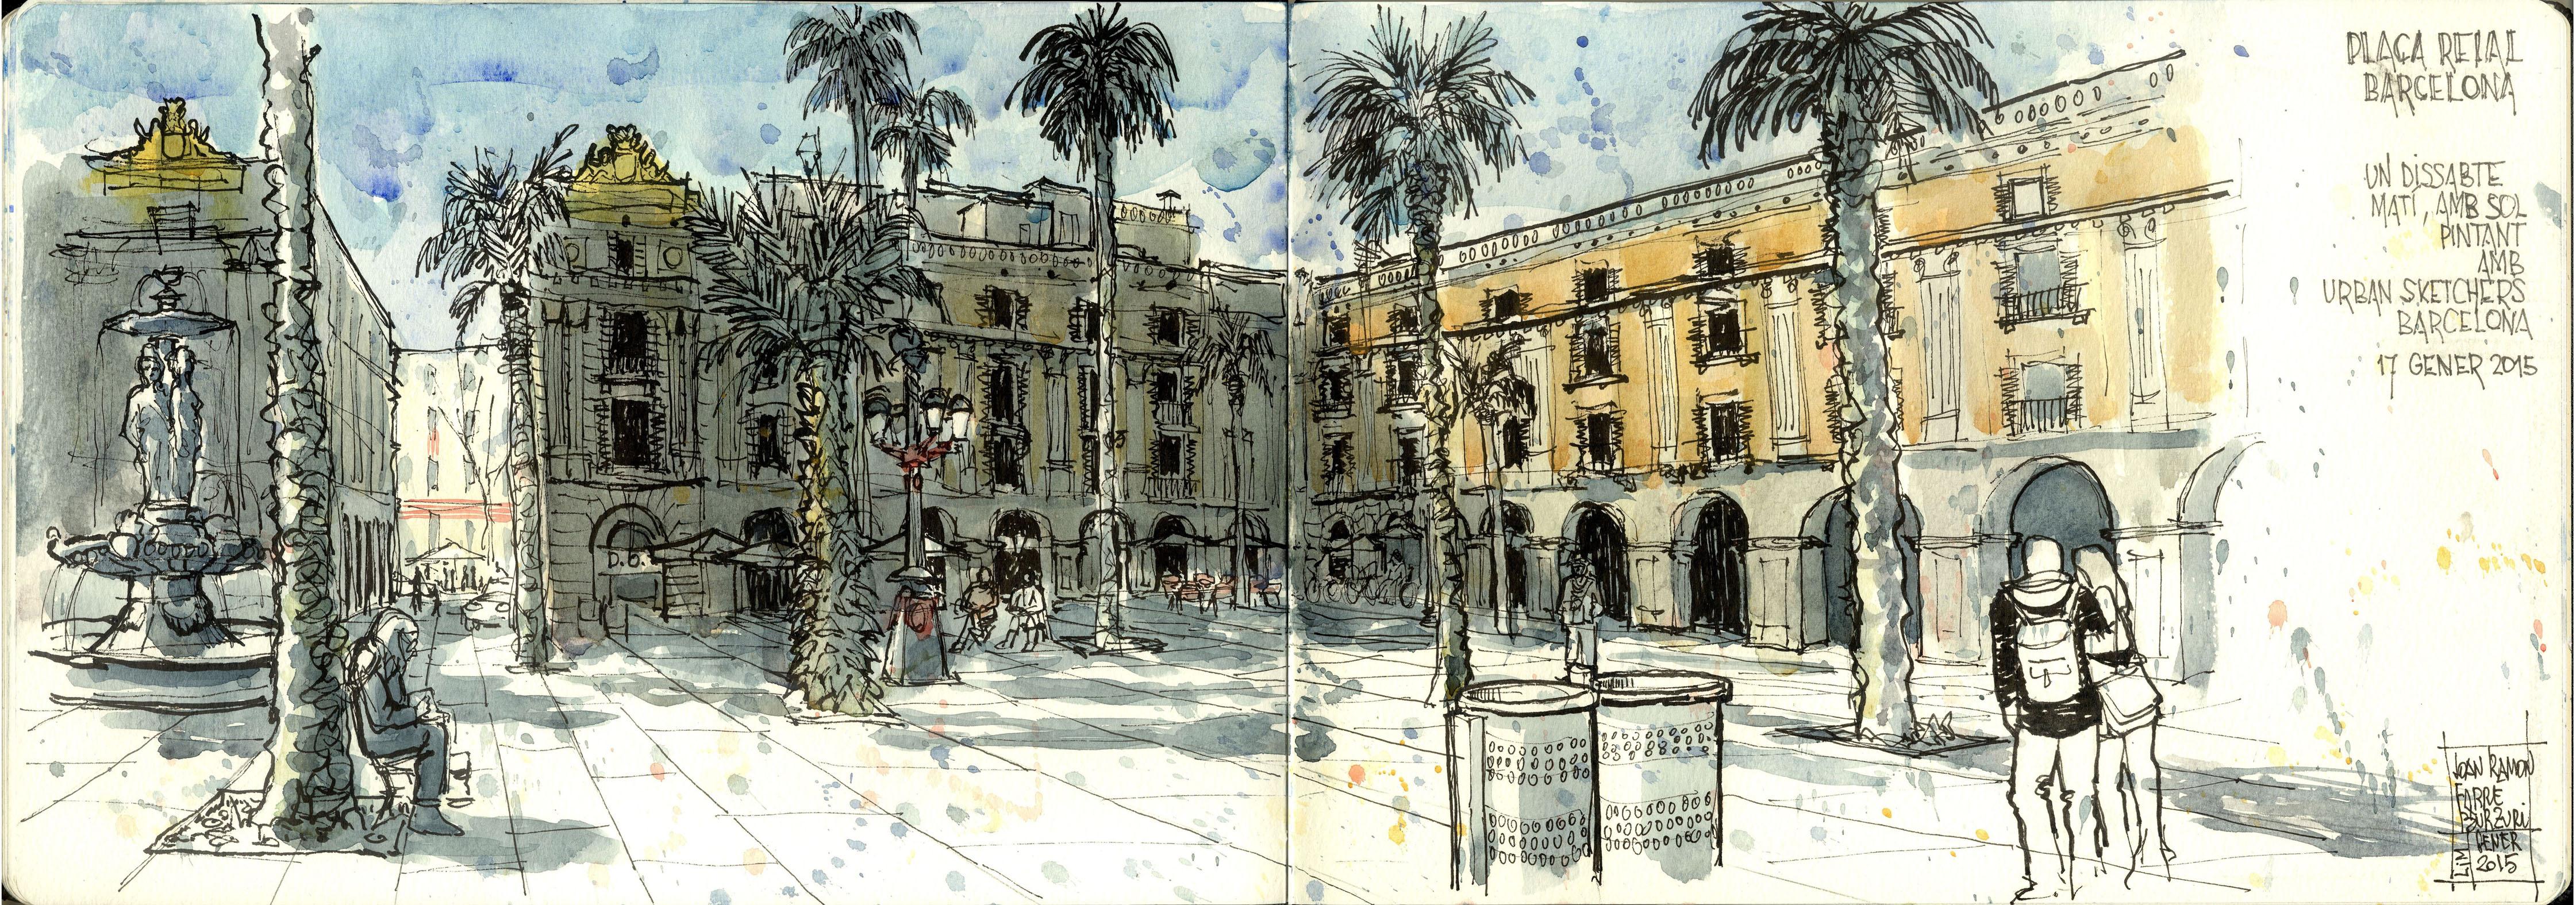 Plaça Reial. Barcelona